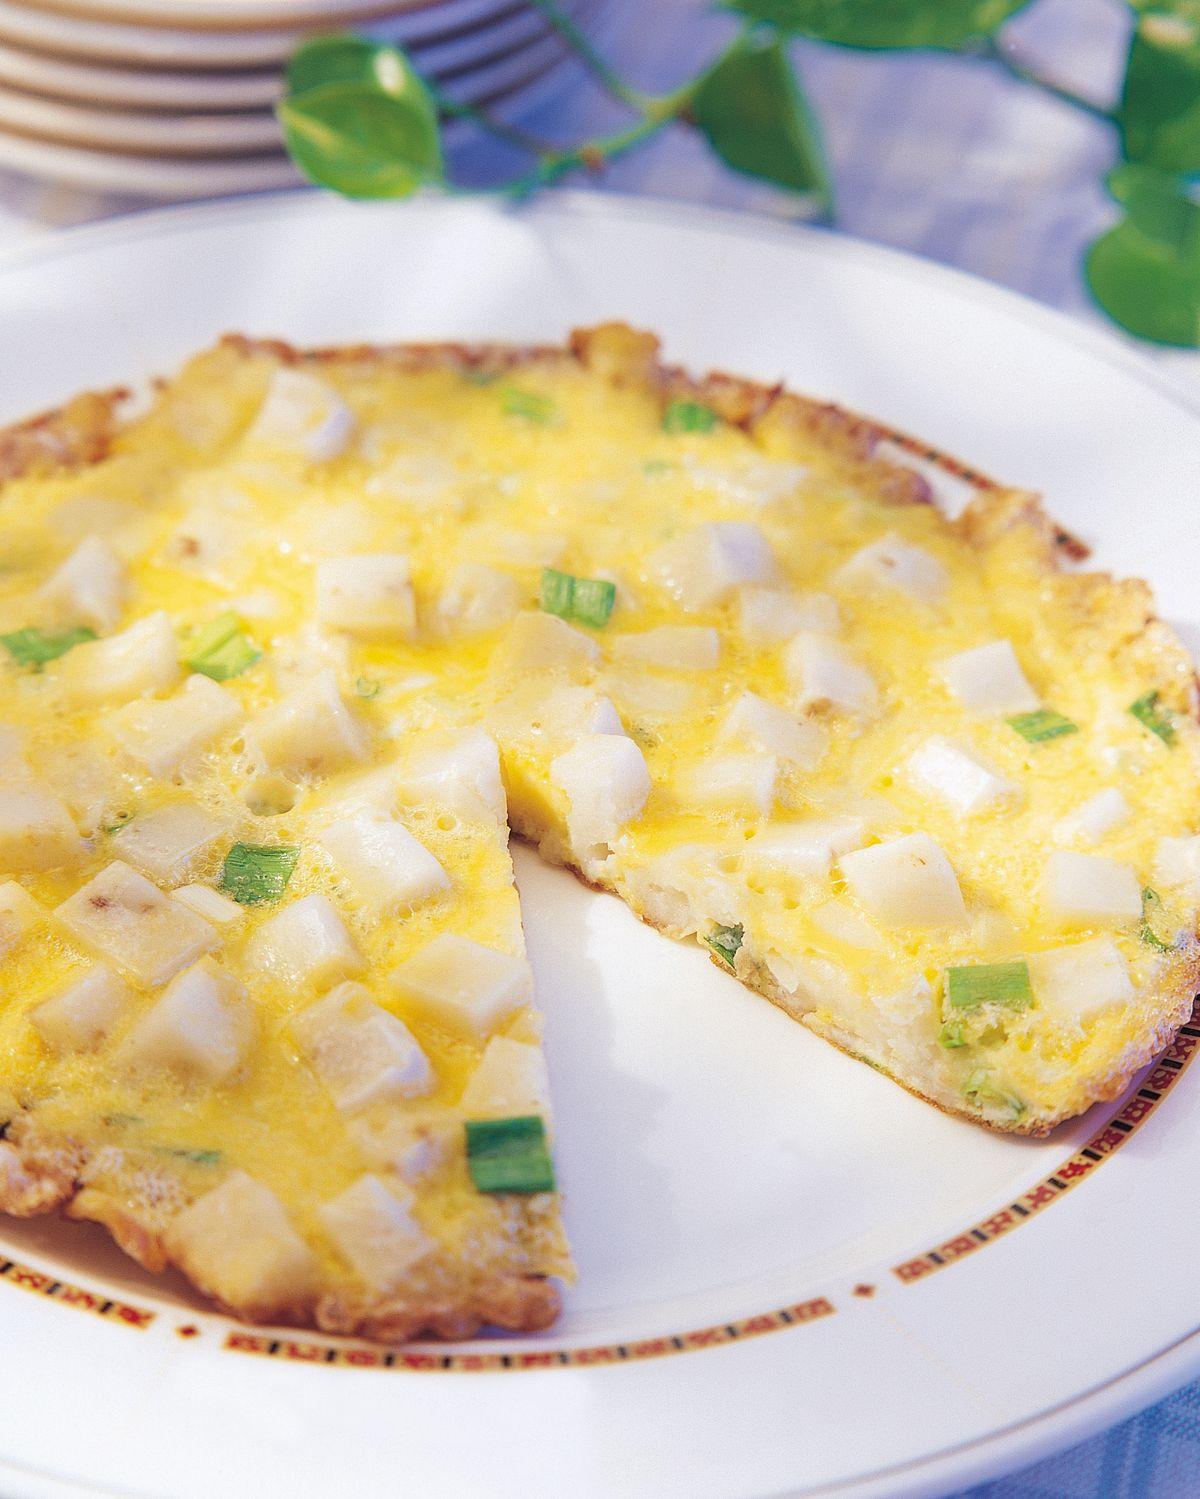 食譜:蛋烘蘿蔔糕